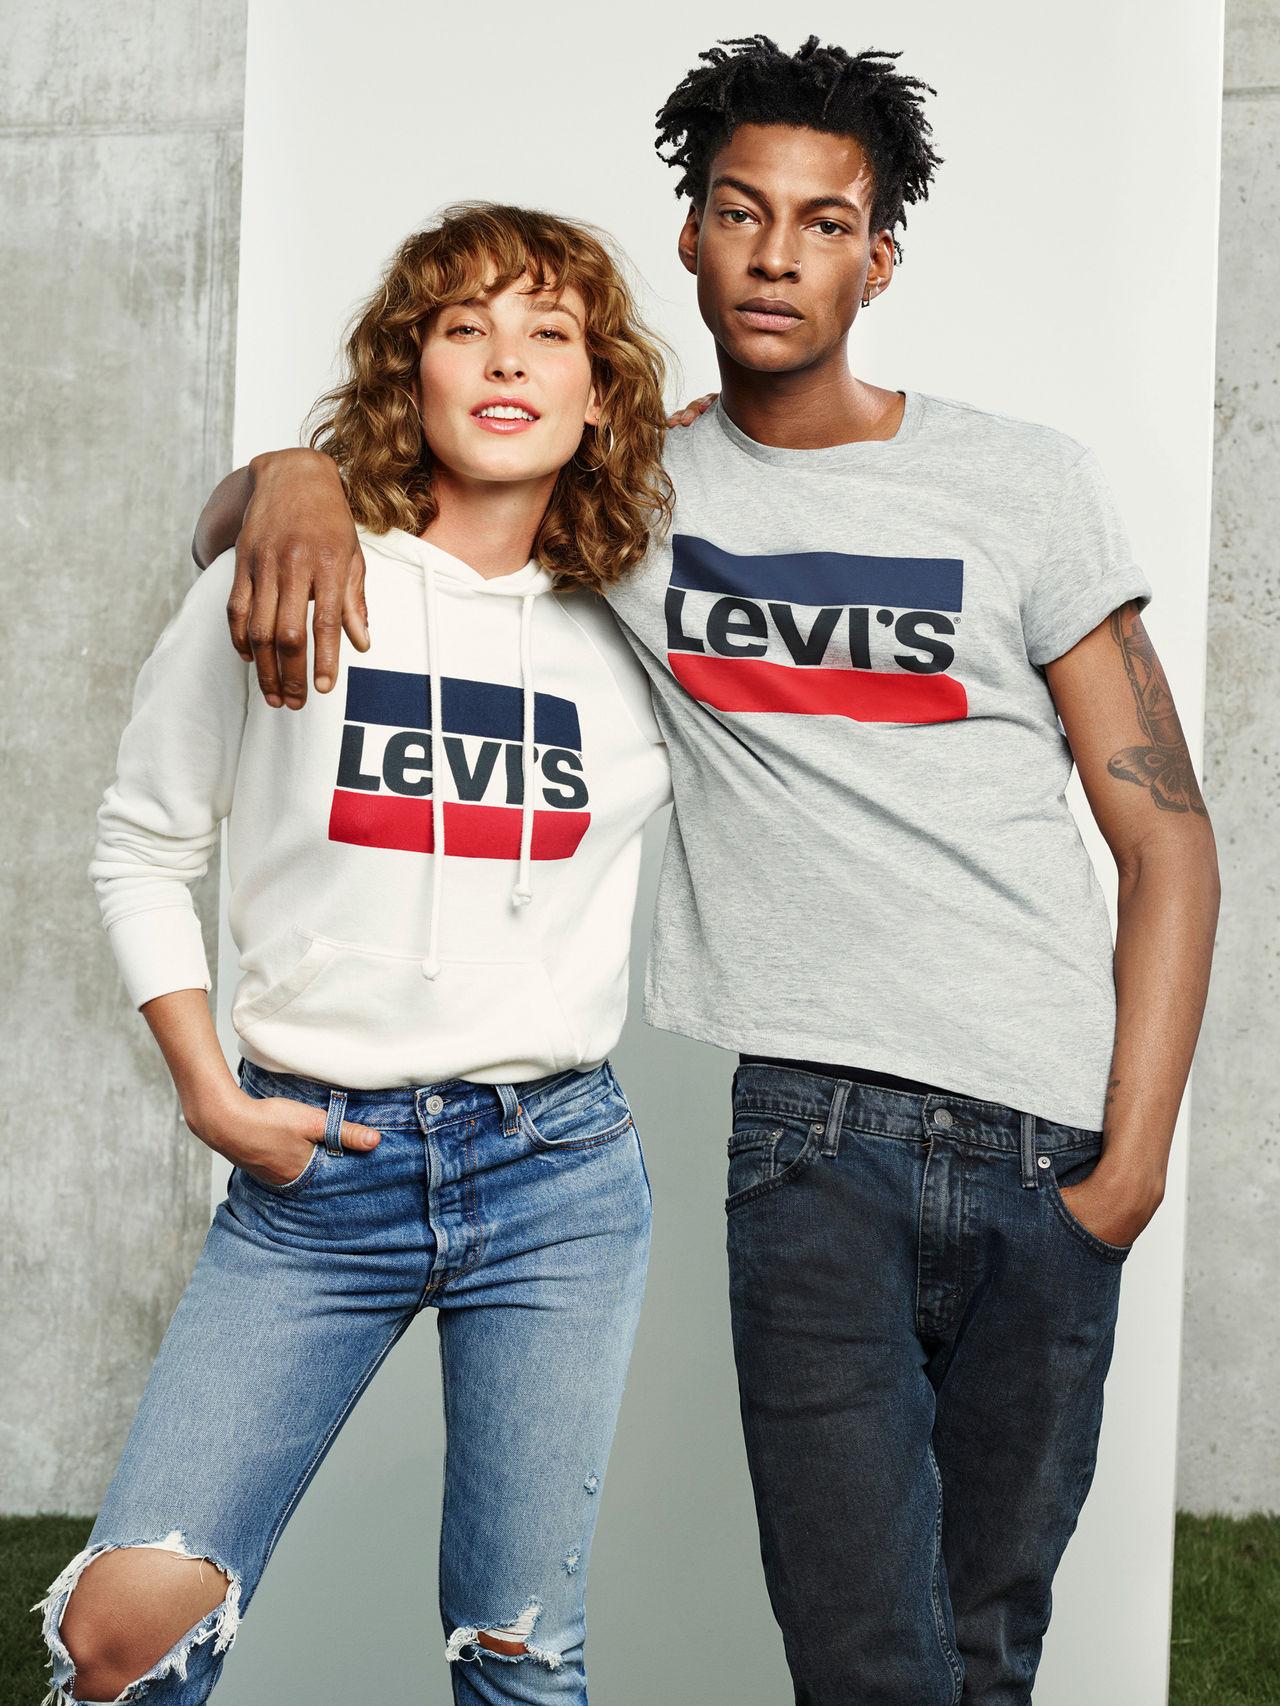 Levi's återanvänder sin gamla Sportswear-logga